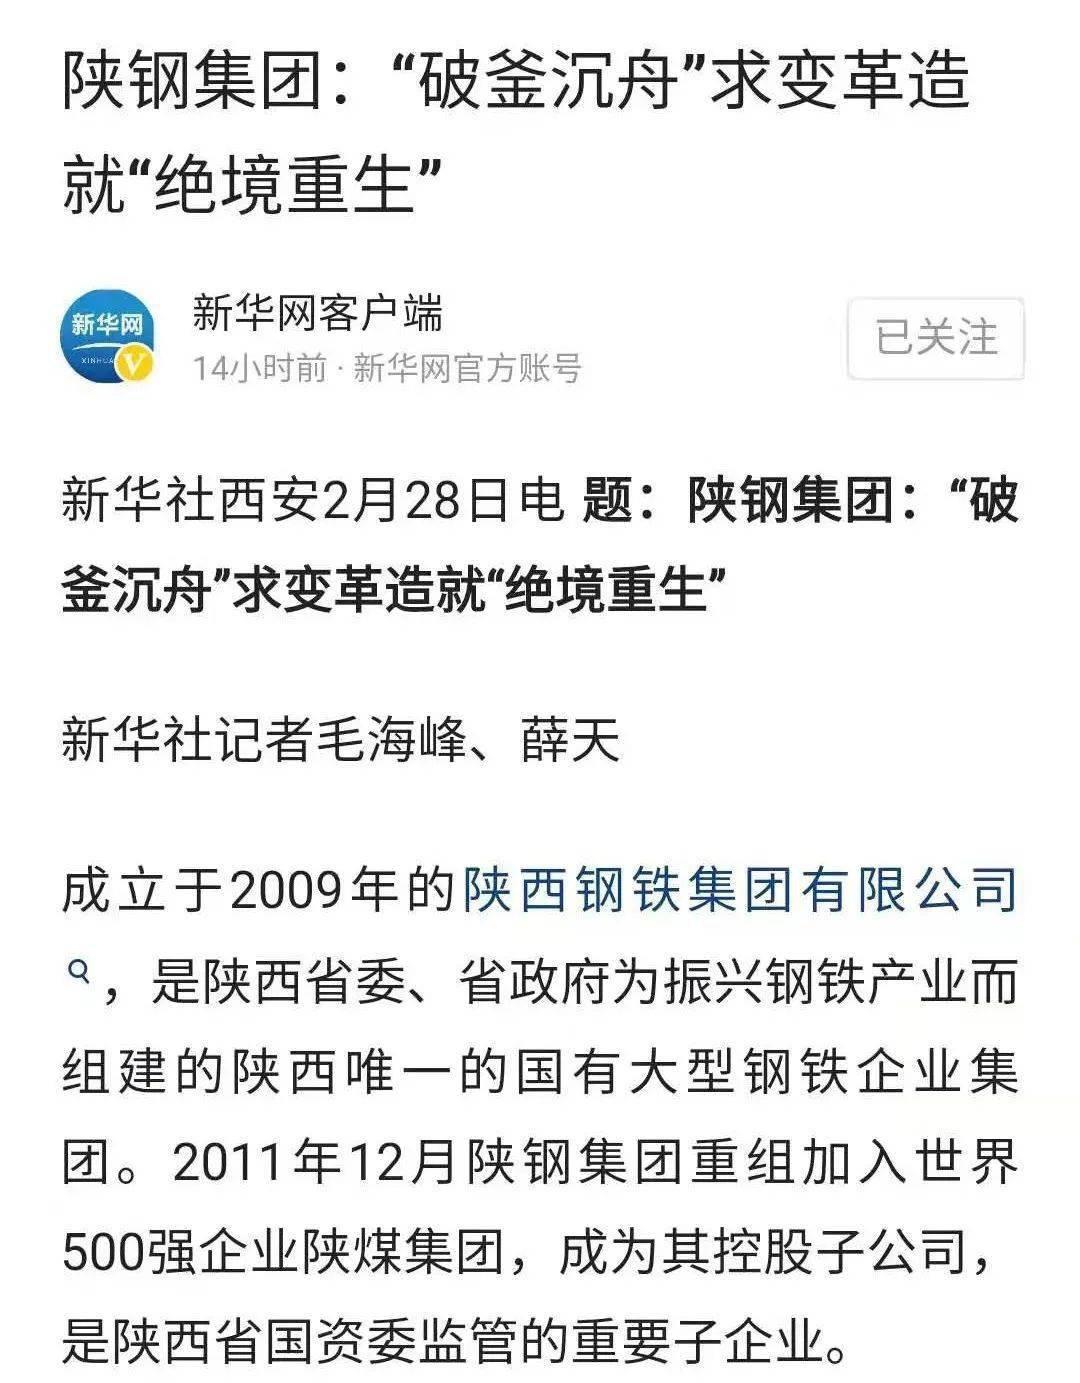 """[媒体报道]新华网:陕西钢铁集团""""破船""""求变打造""""绝望中重生"""""""